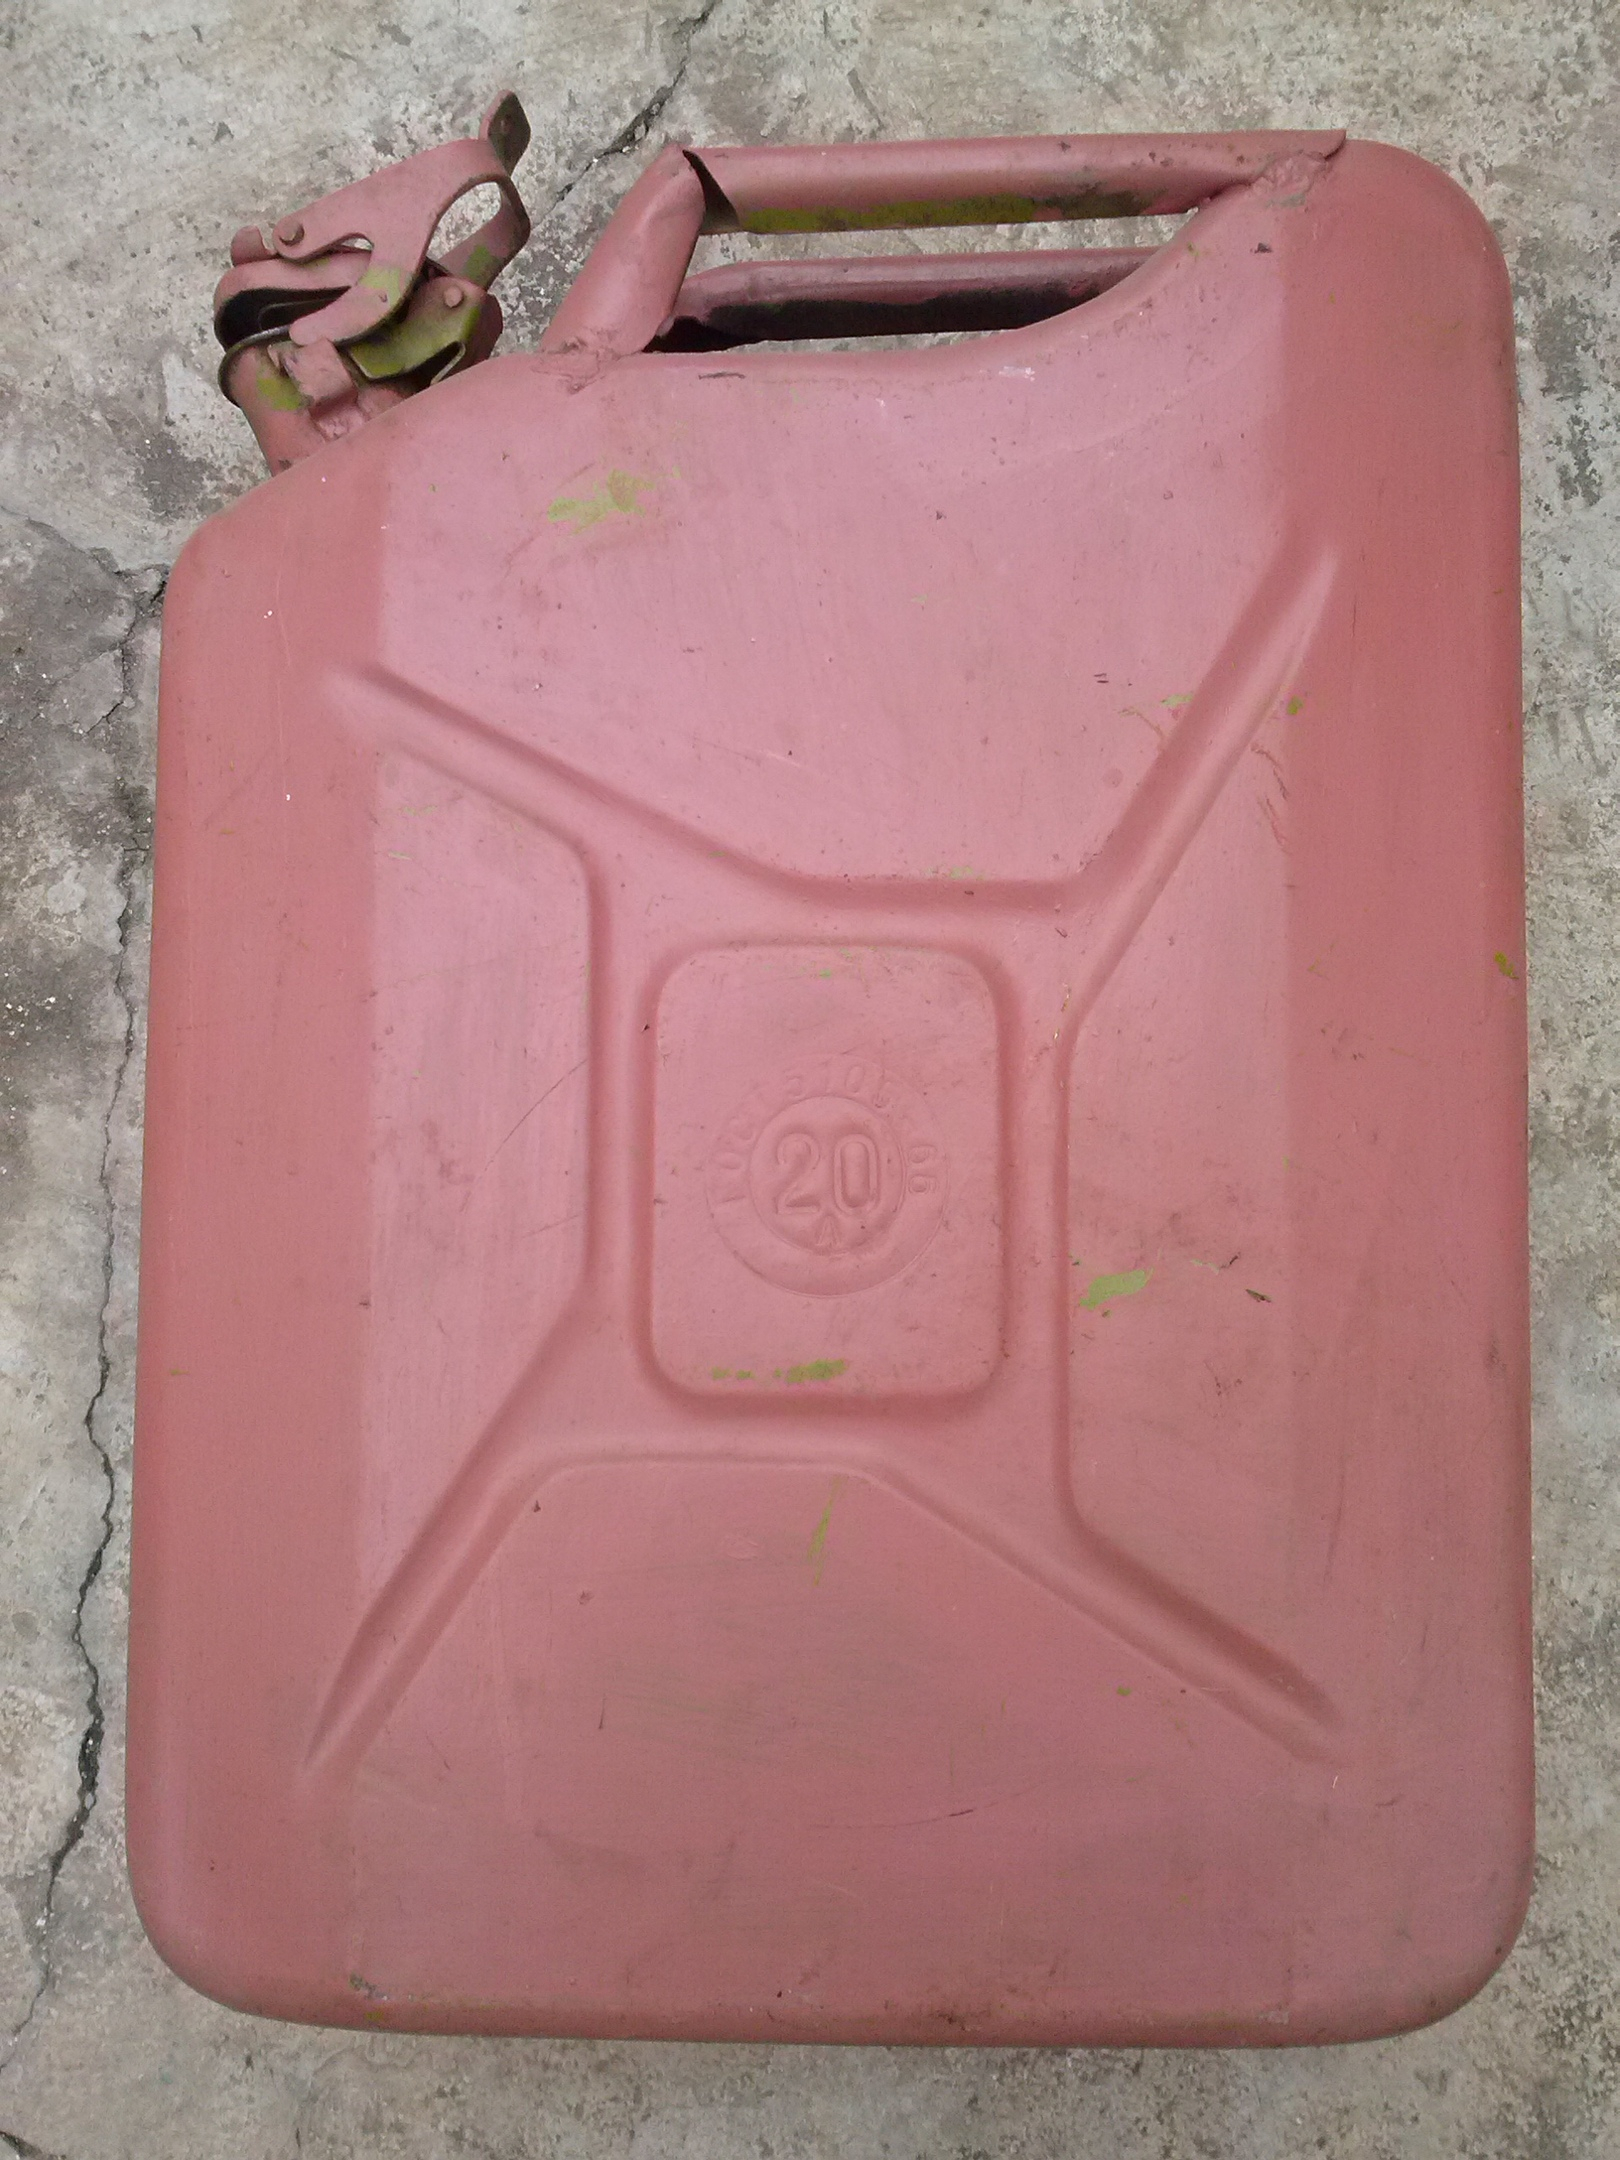 Продаются тески, горелка,подставка для уличного зонта и канистры под бензин и другое.